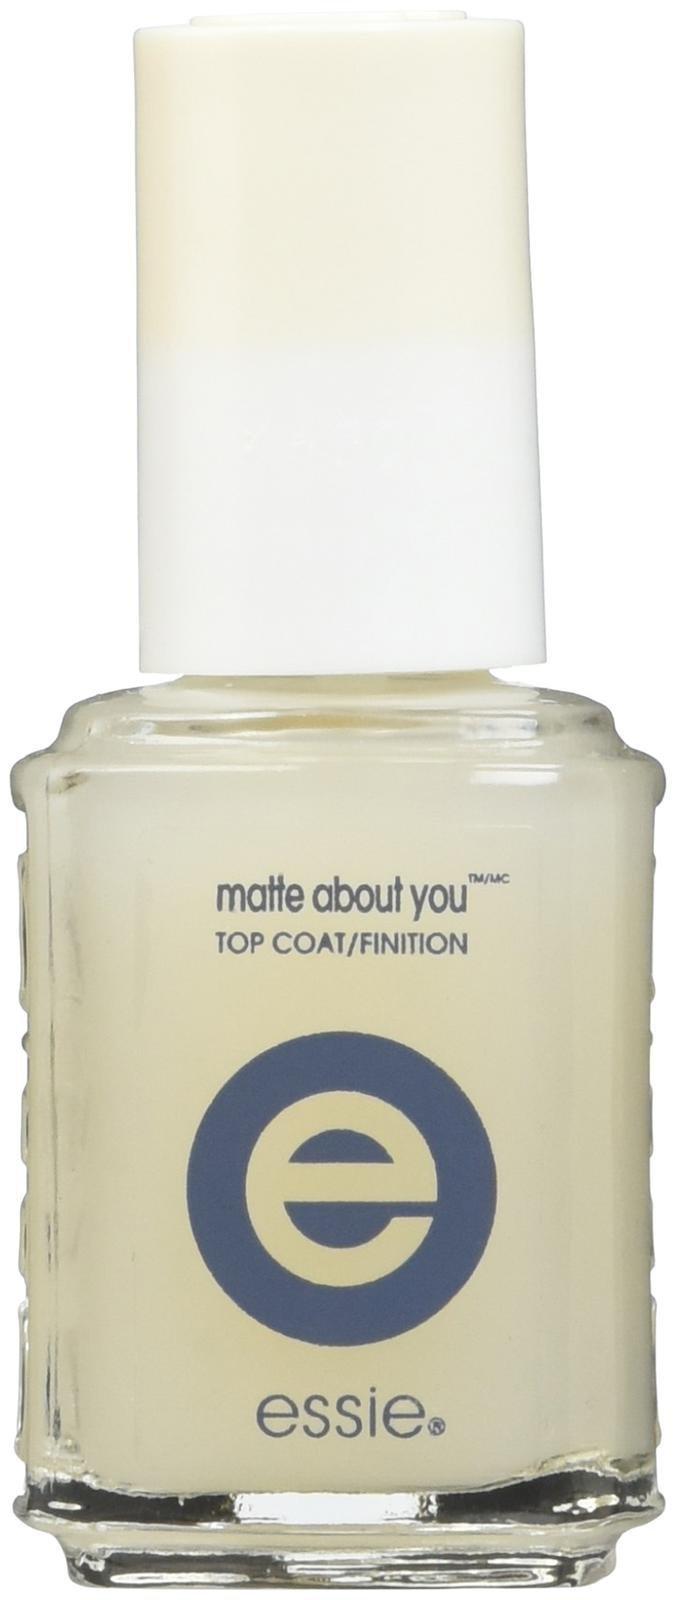 essie Matte About You Matte Finisher - 4 oz by essie